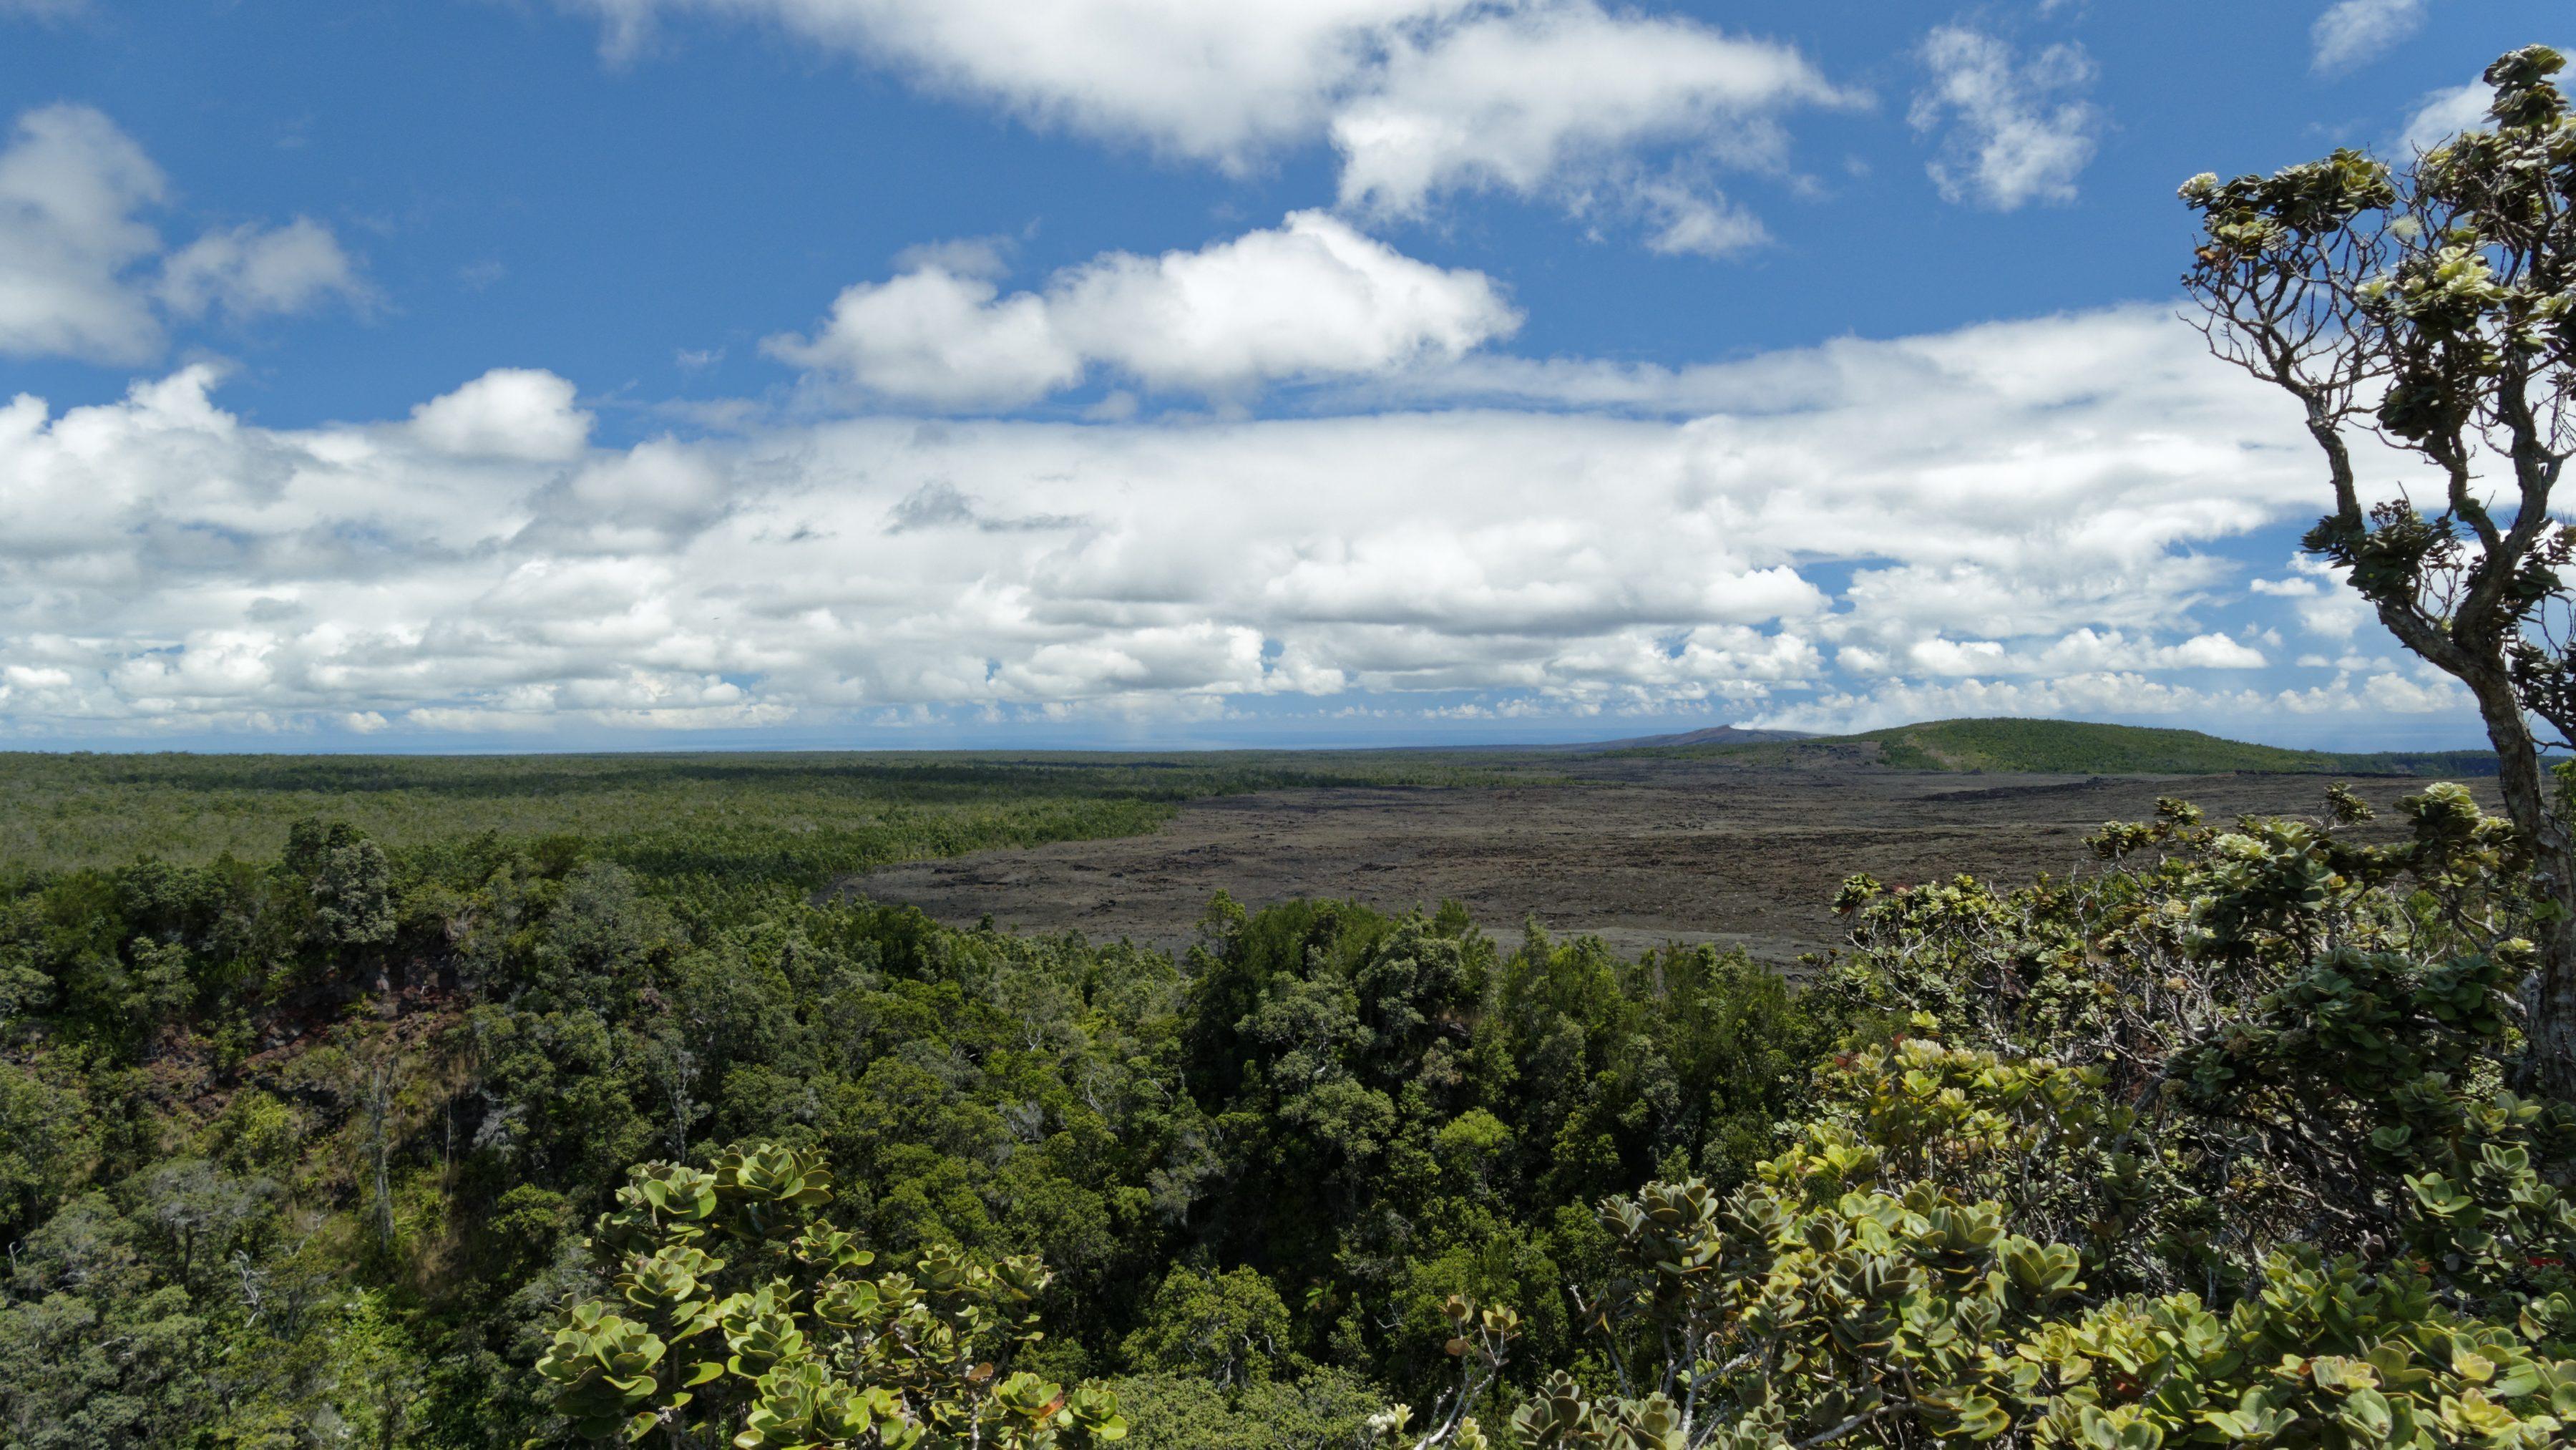 Au sud-est du Pu'U HuluHulu on aperçoit le Puʻu ʻŌʻō